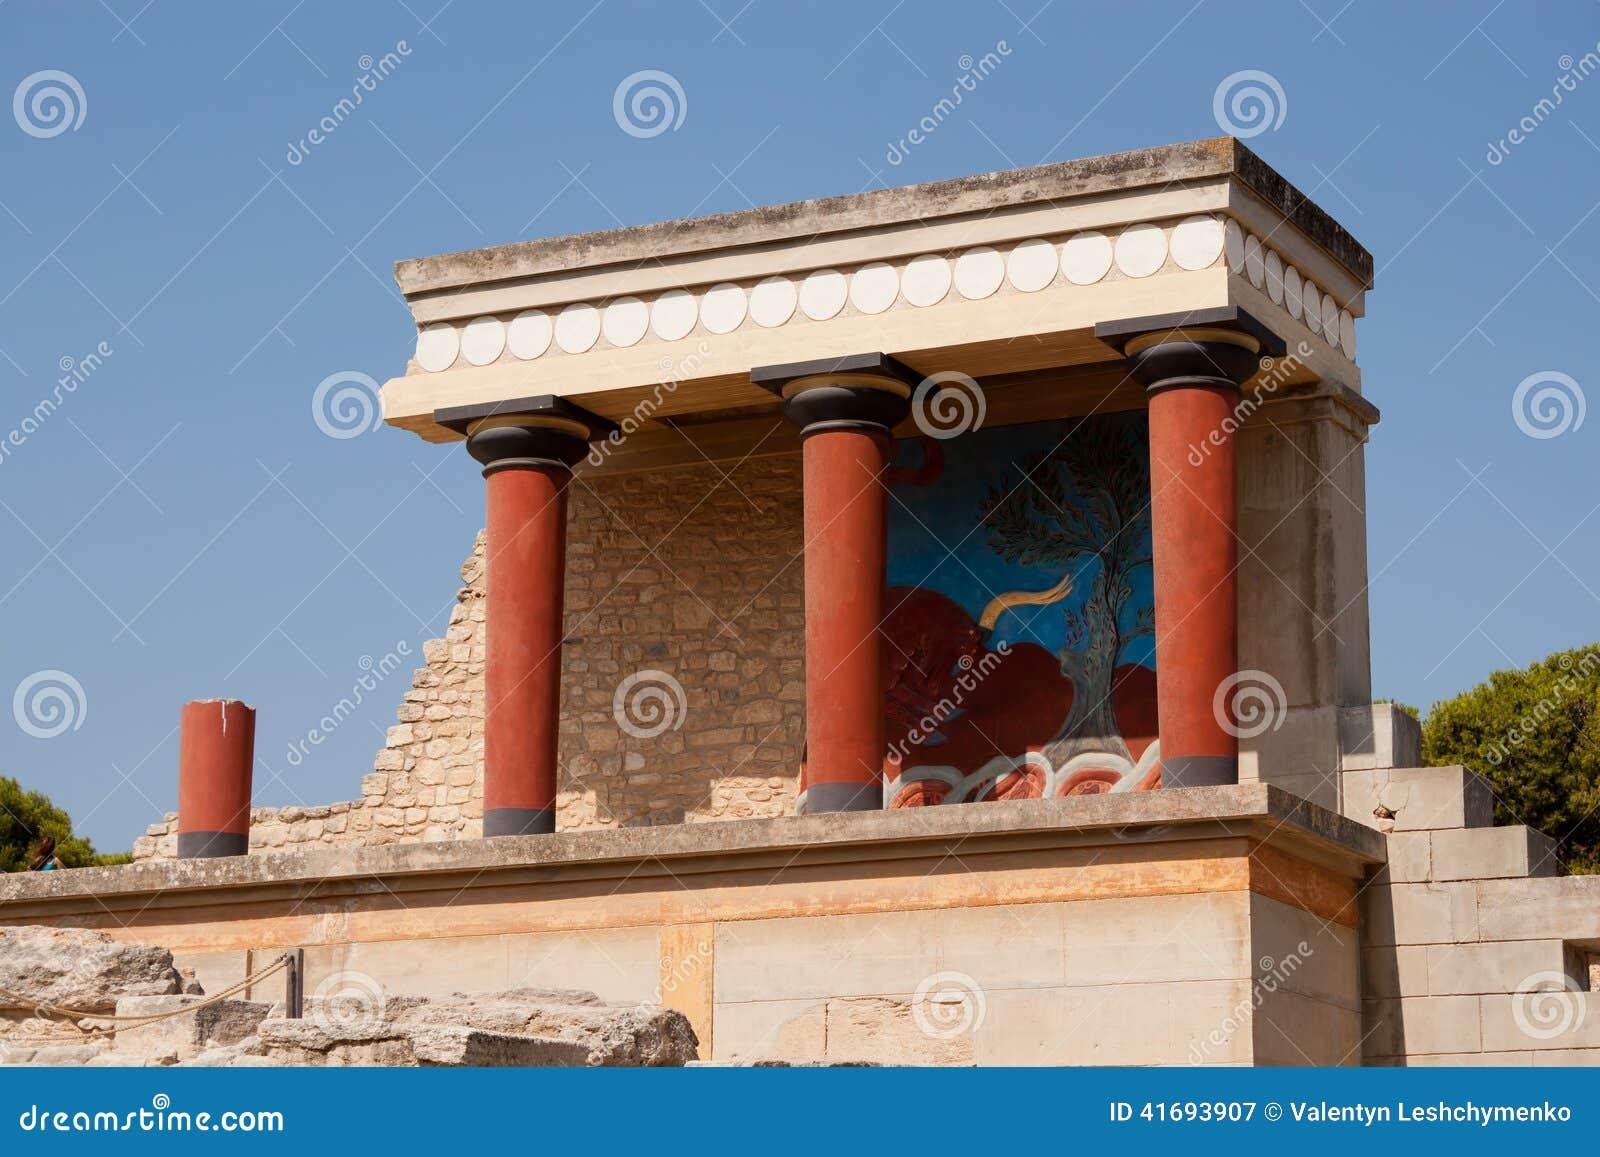 Μπαλκόνι με μια κιονοστοιχία, νωπογραφία ανακούφισης που απεικονίζει τον ταύρο